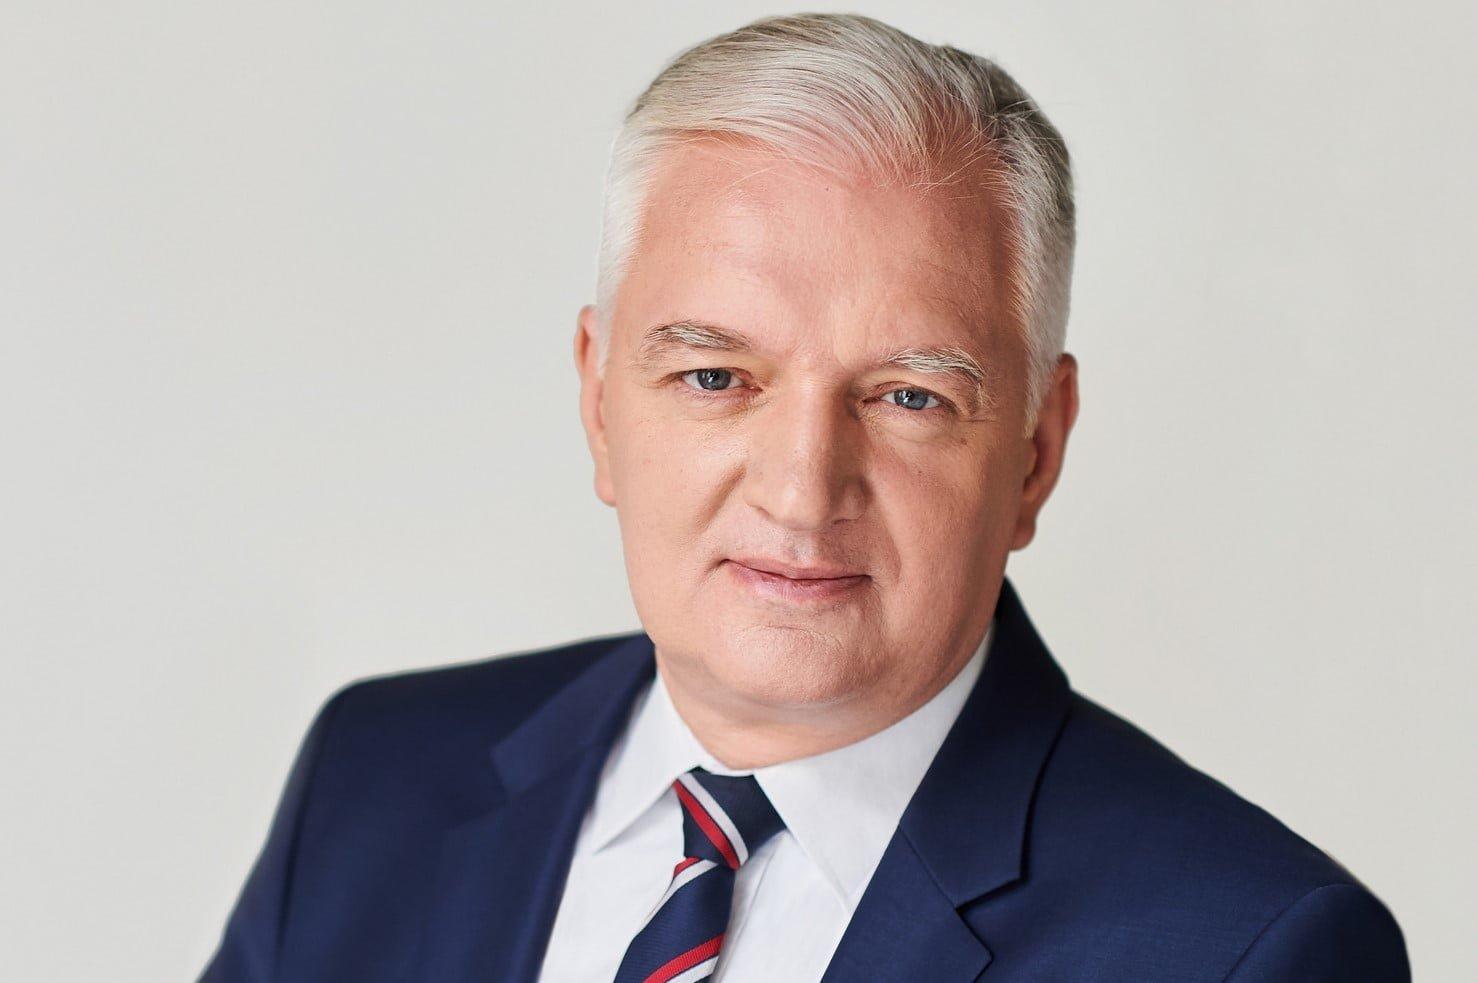 Ograniczenie ilości dyscyplin naukowych - Jarosław Gowin podpisał rozporządzenie